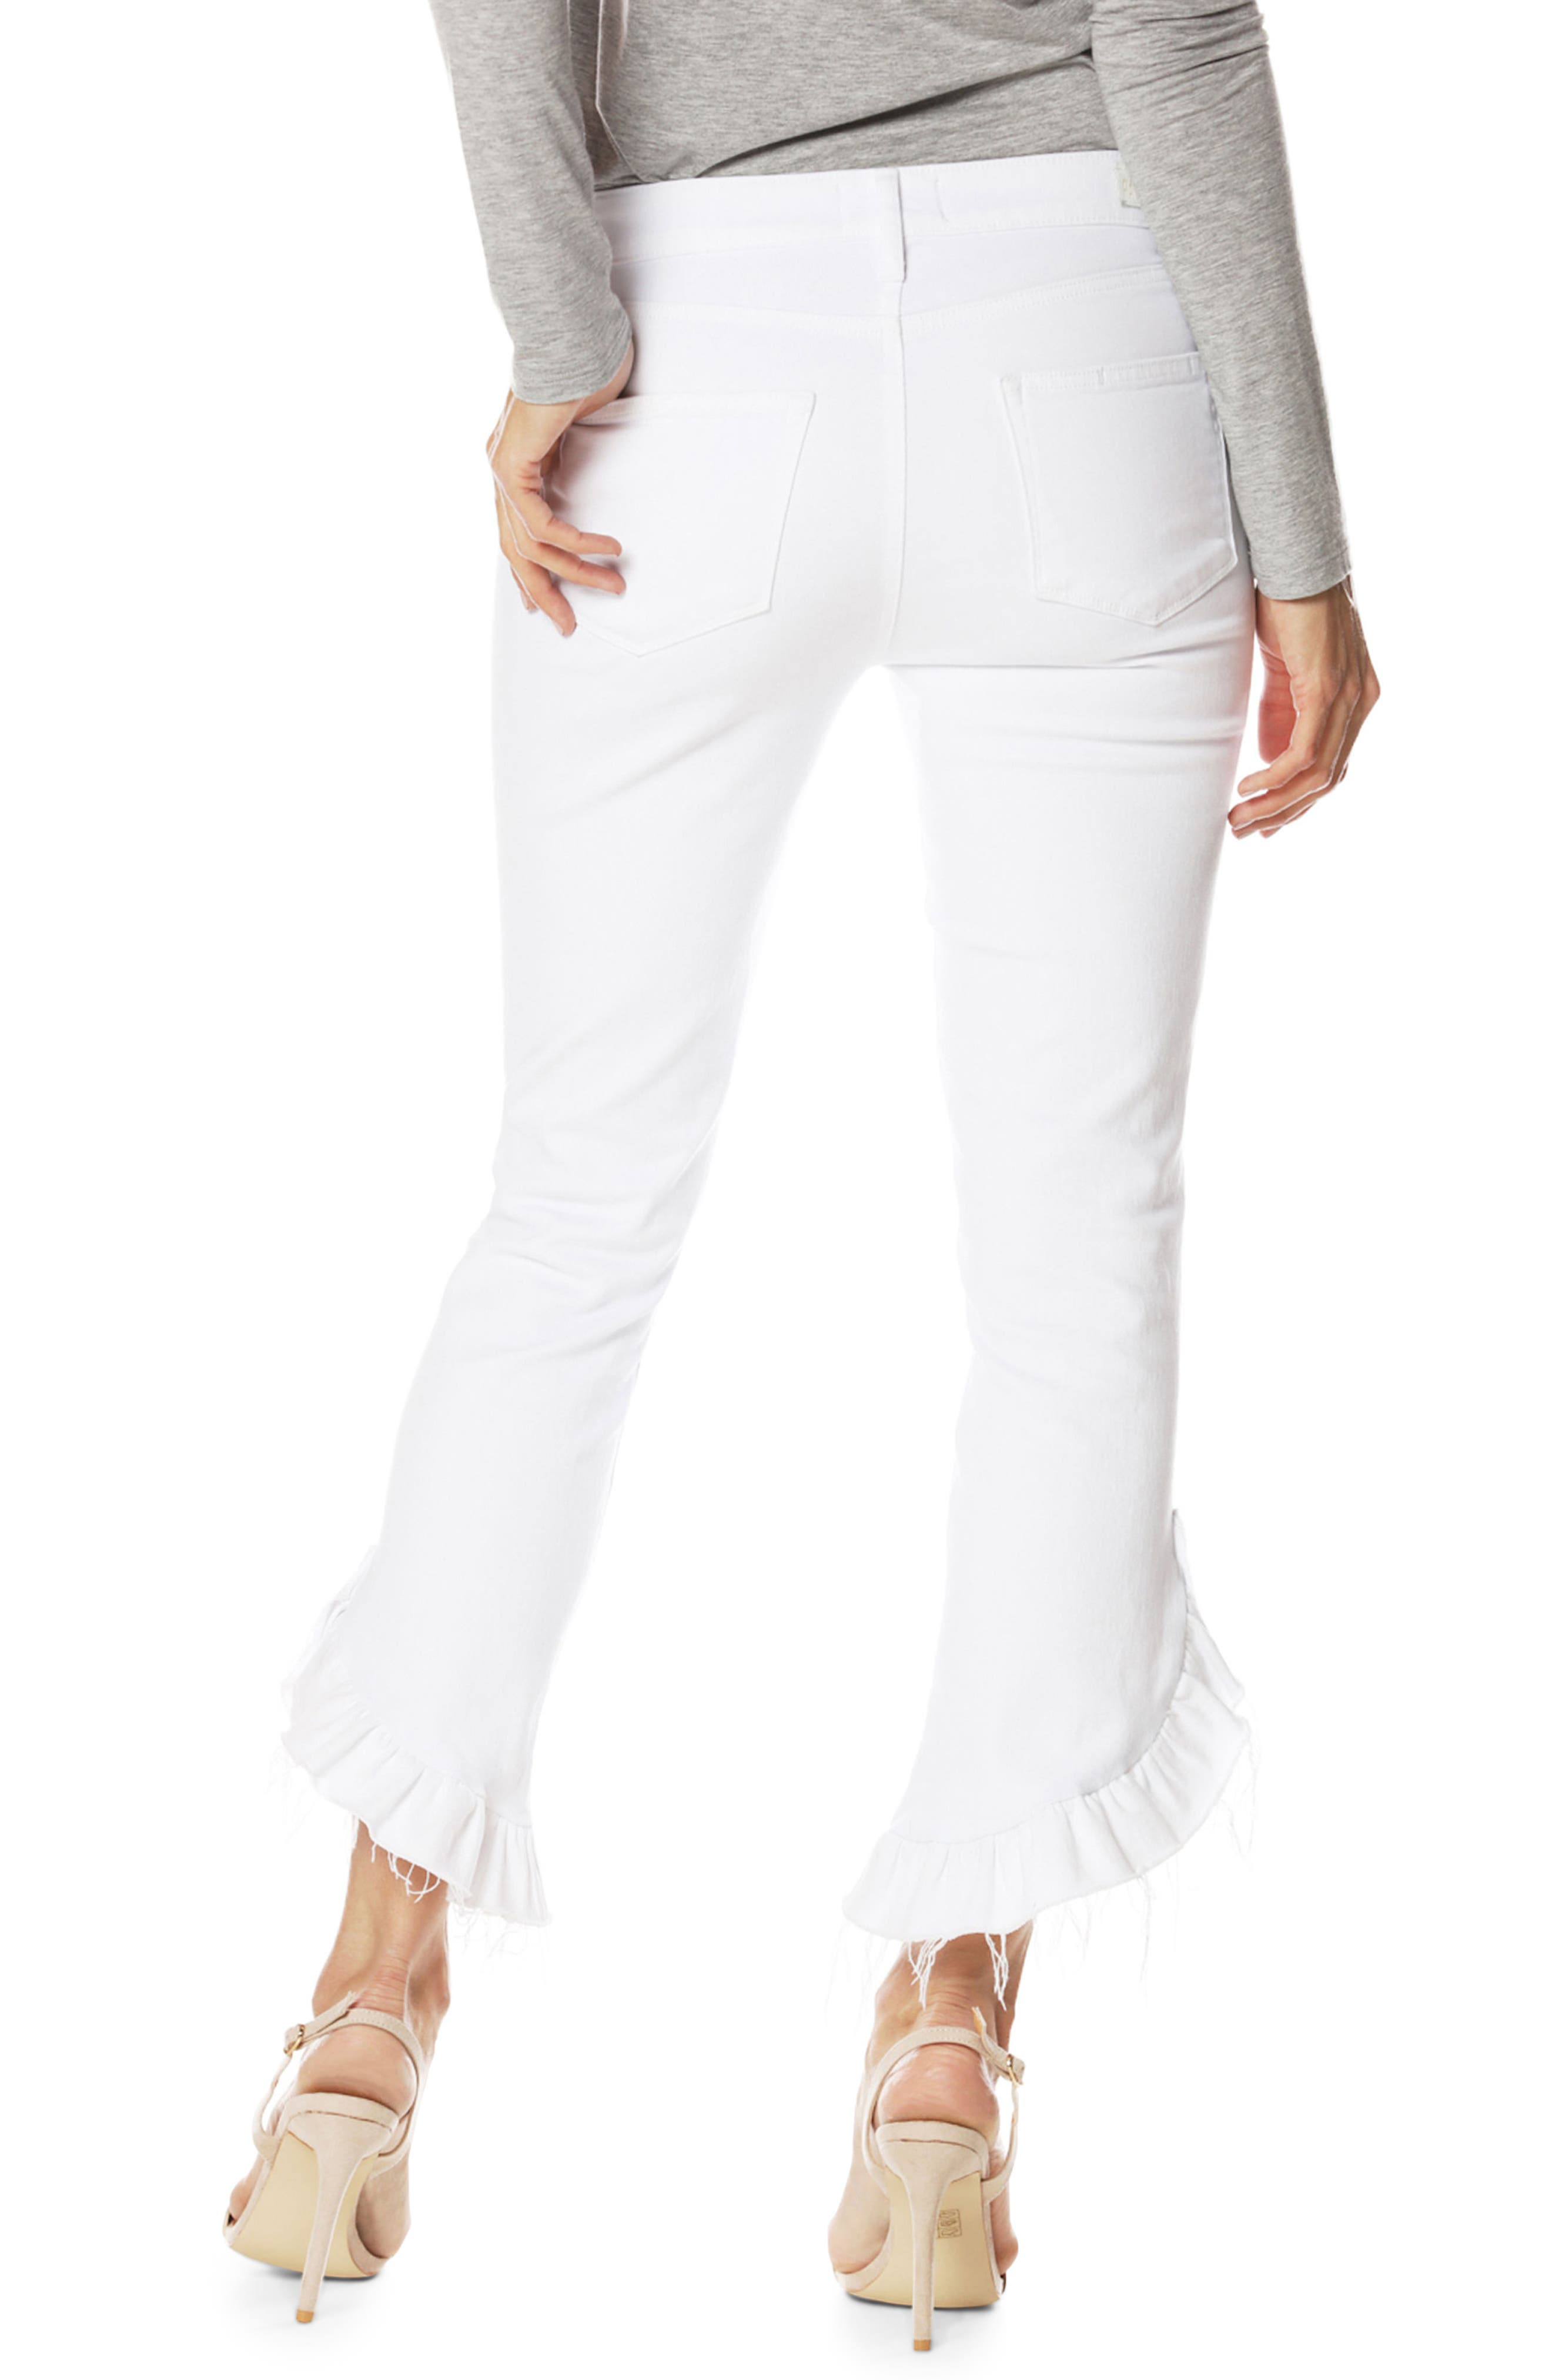 Jacqueline Crop Straight Leg Jeans,                             Alternate thumbnail 2, color,                             100